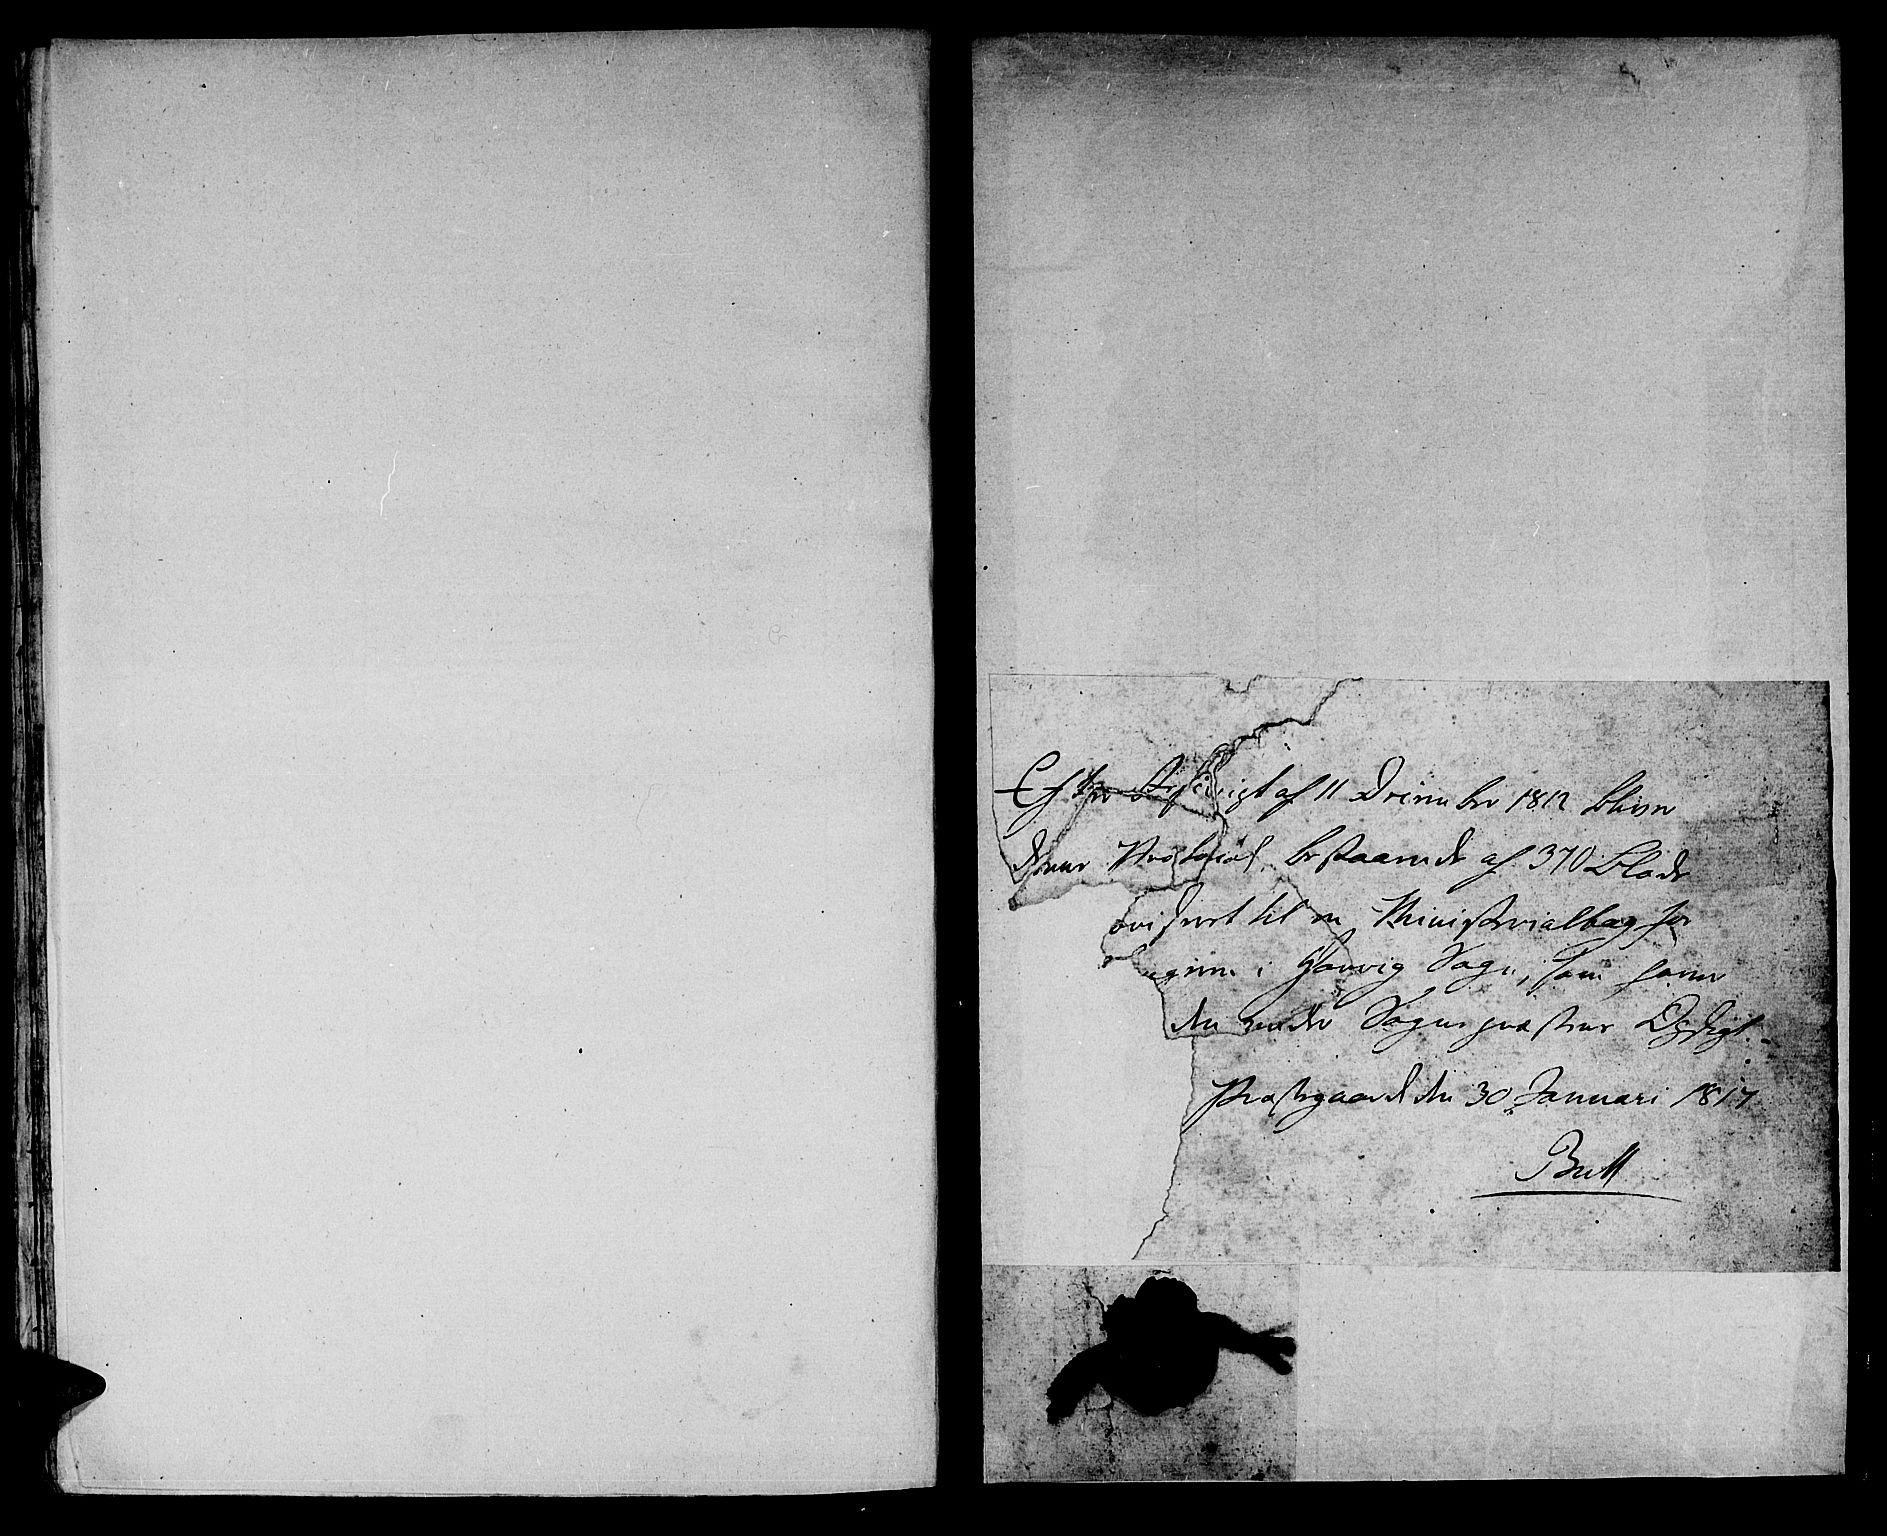 SAT, Ministerialprotokoller, klokkerbøker og fødselsregistre - Sør-Trøndelag, 692/L1108: Klokkerbok nr. 692C03, 1816-1833